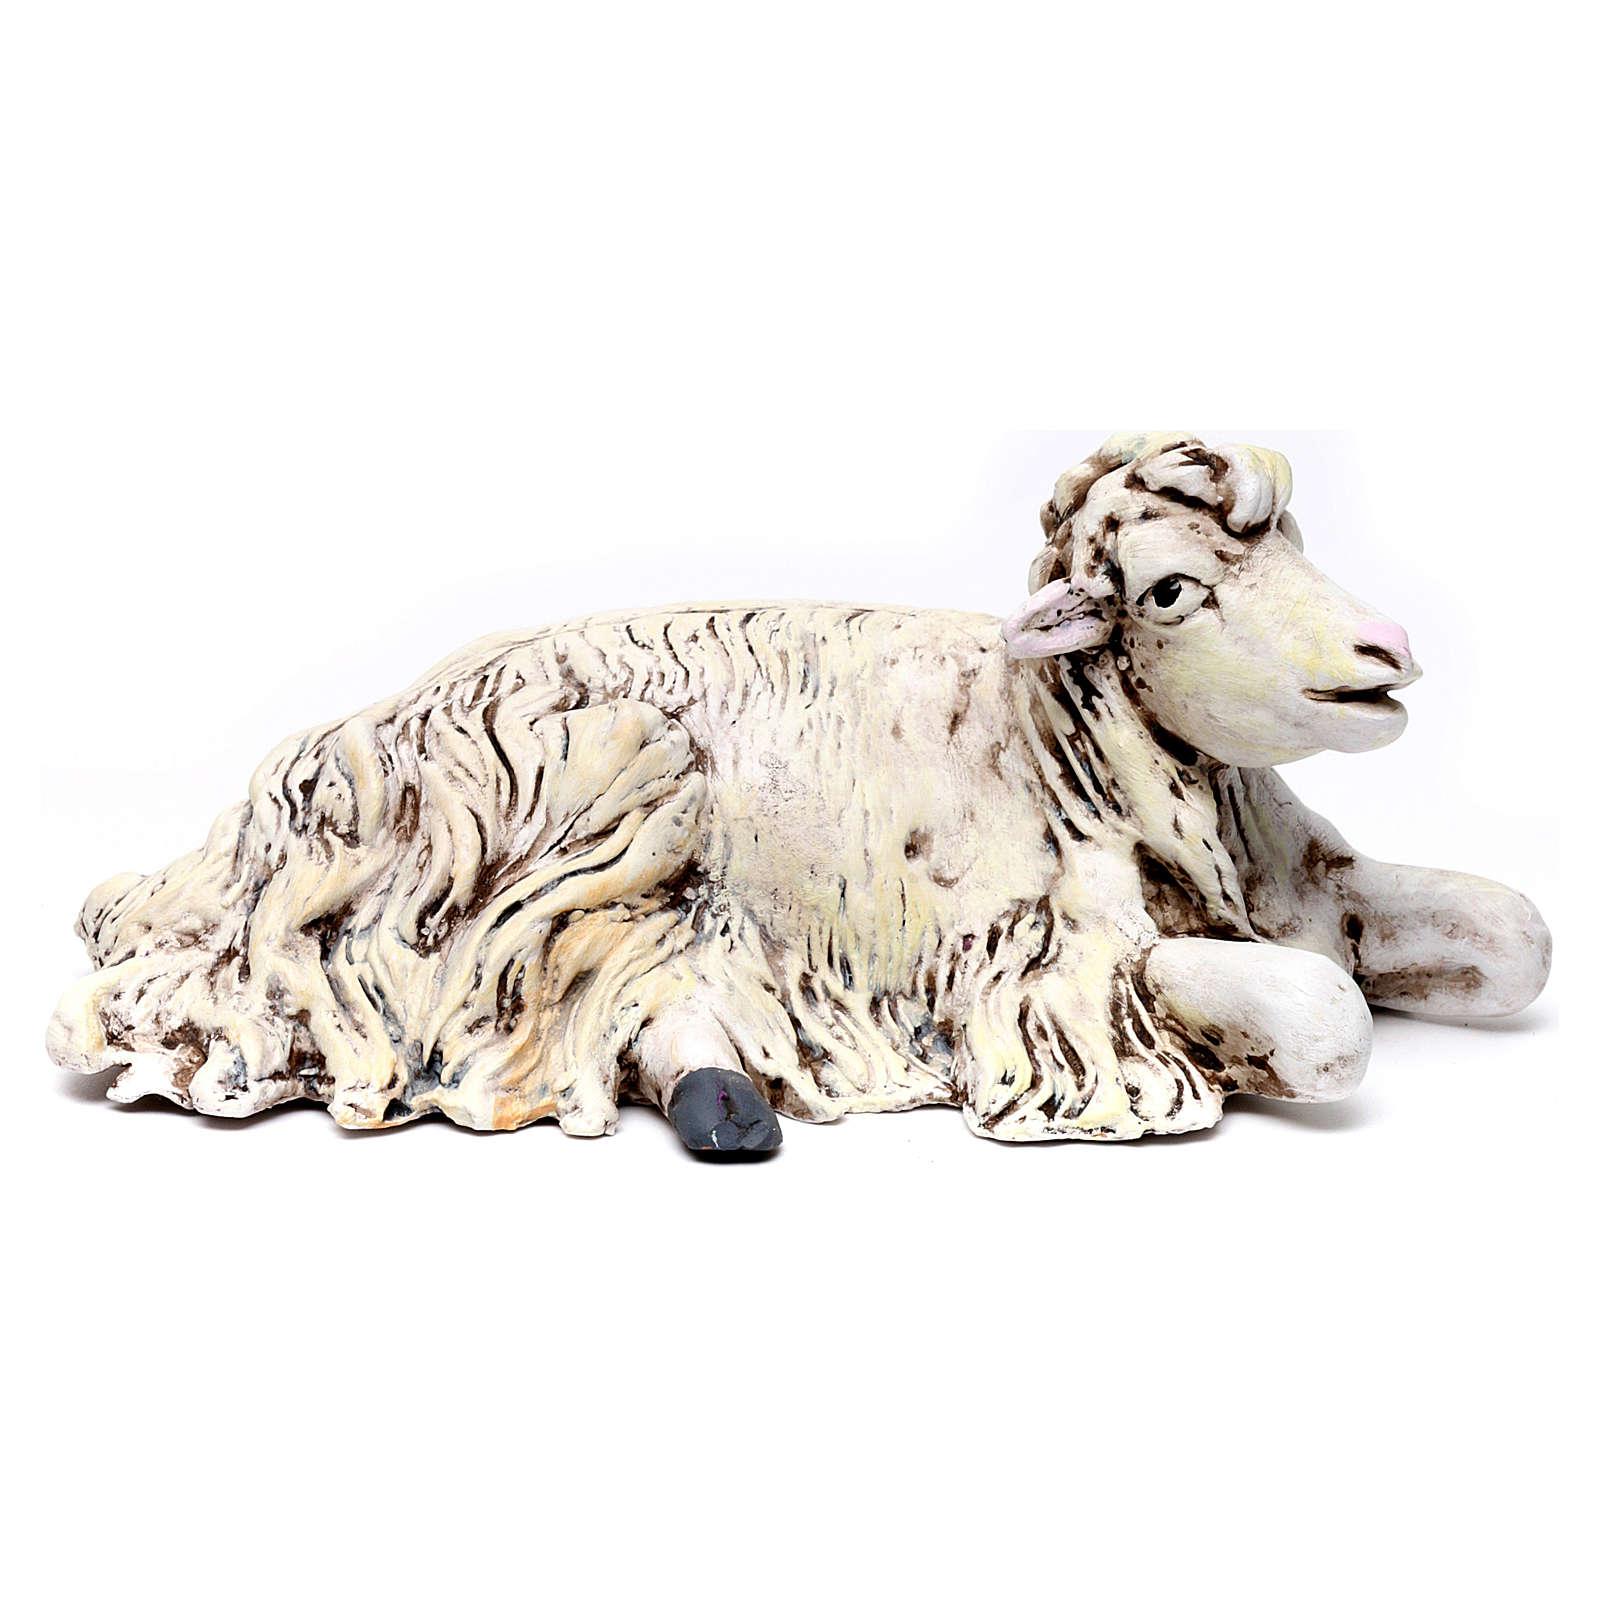 Oveja de rodillas con la cabeza a la derecha para belén Nápoles estilo 700 de 35 cm de altura media 4